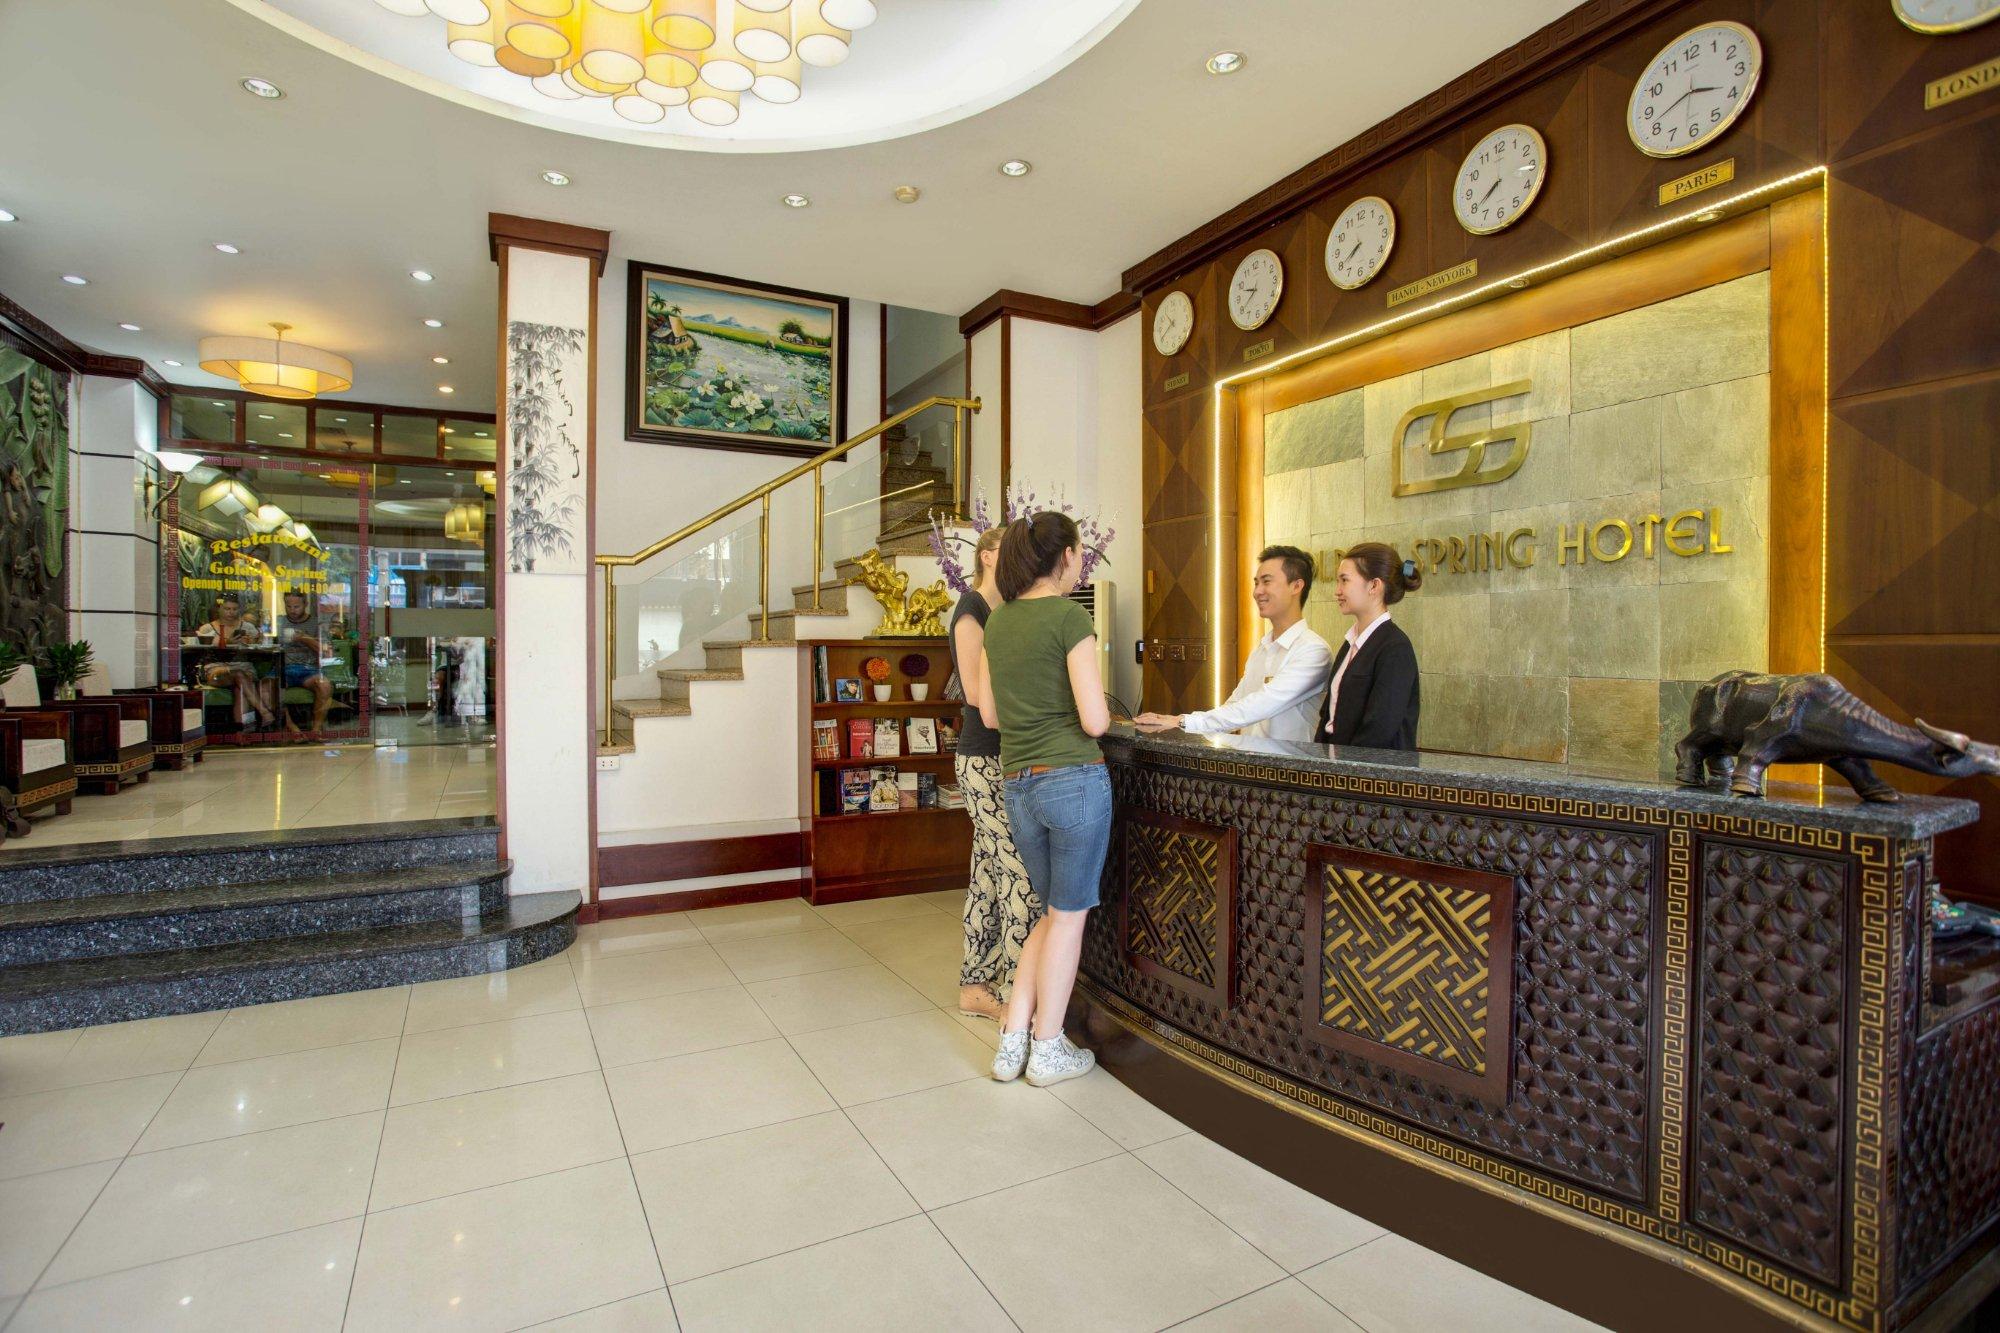 โรงแรมโกลเดนสปริง ฮานอย